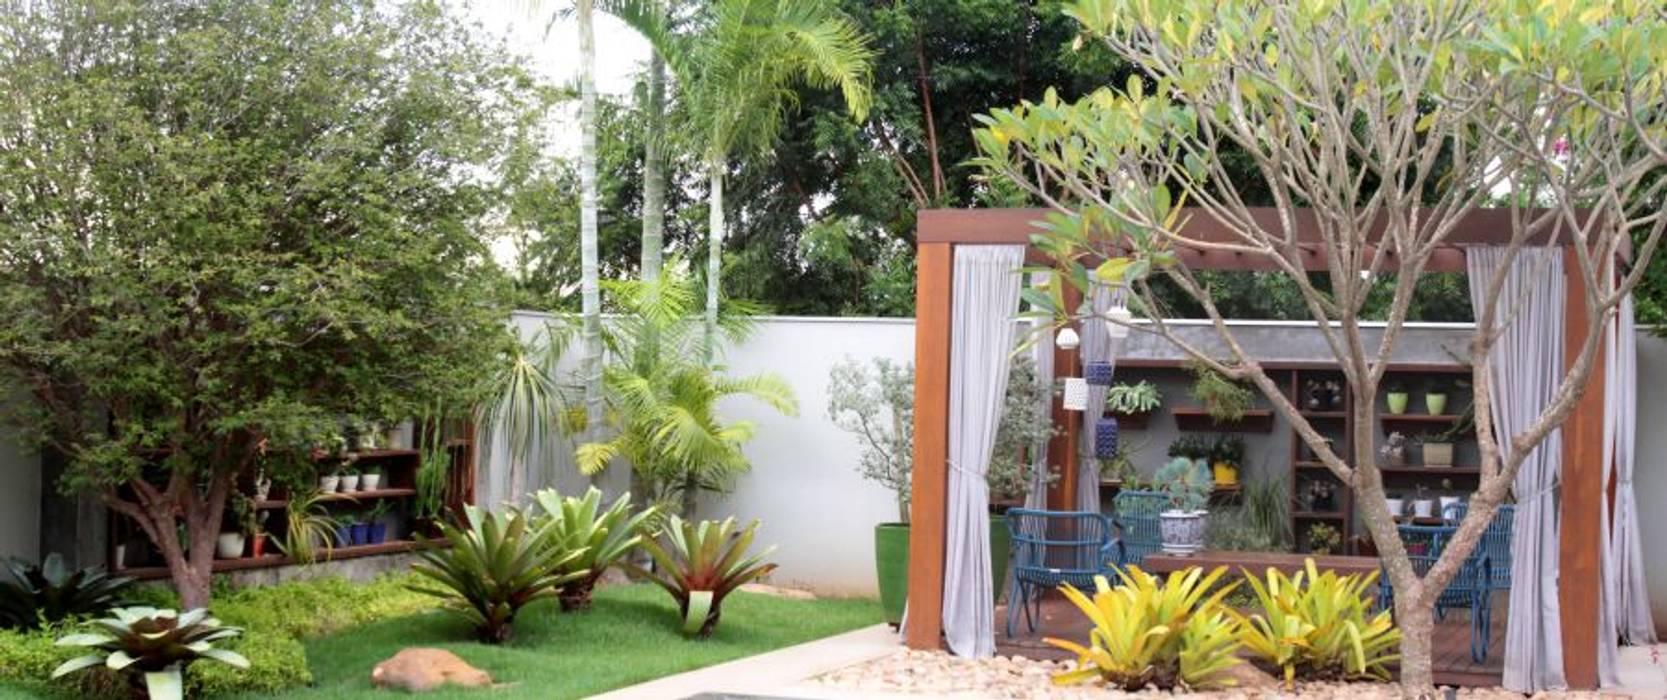 Detalhes do jardim exuberante RABAIOLI I FREITAS Jardins tropicais Madeira Verde